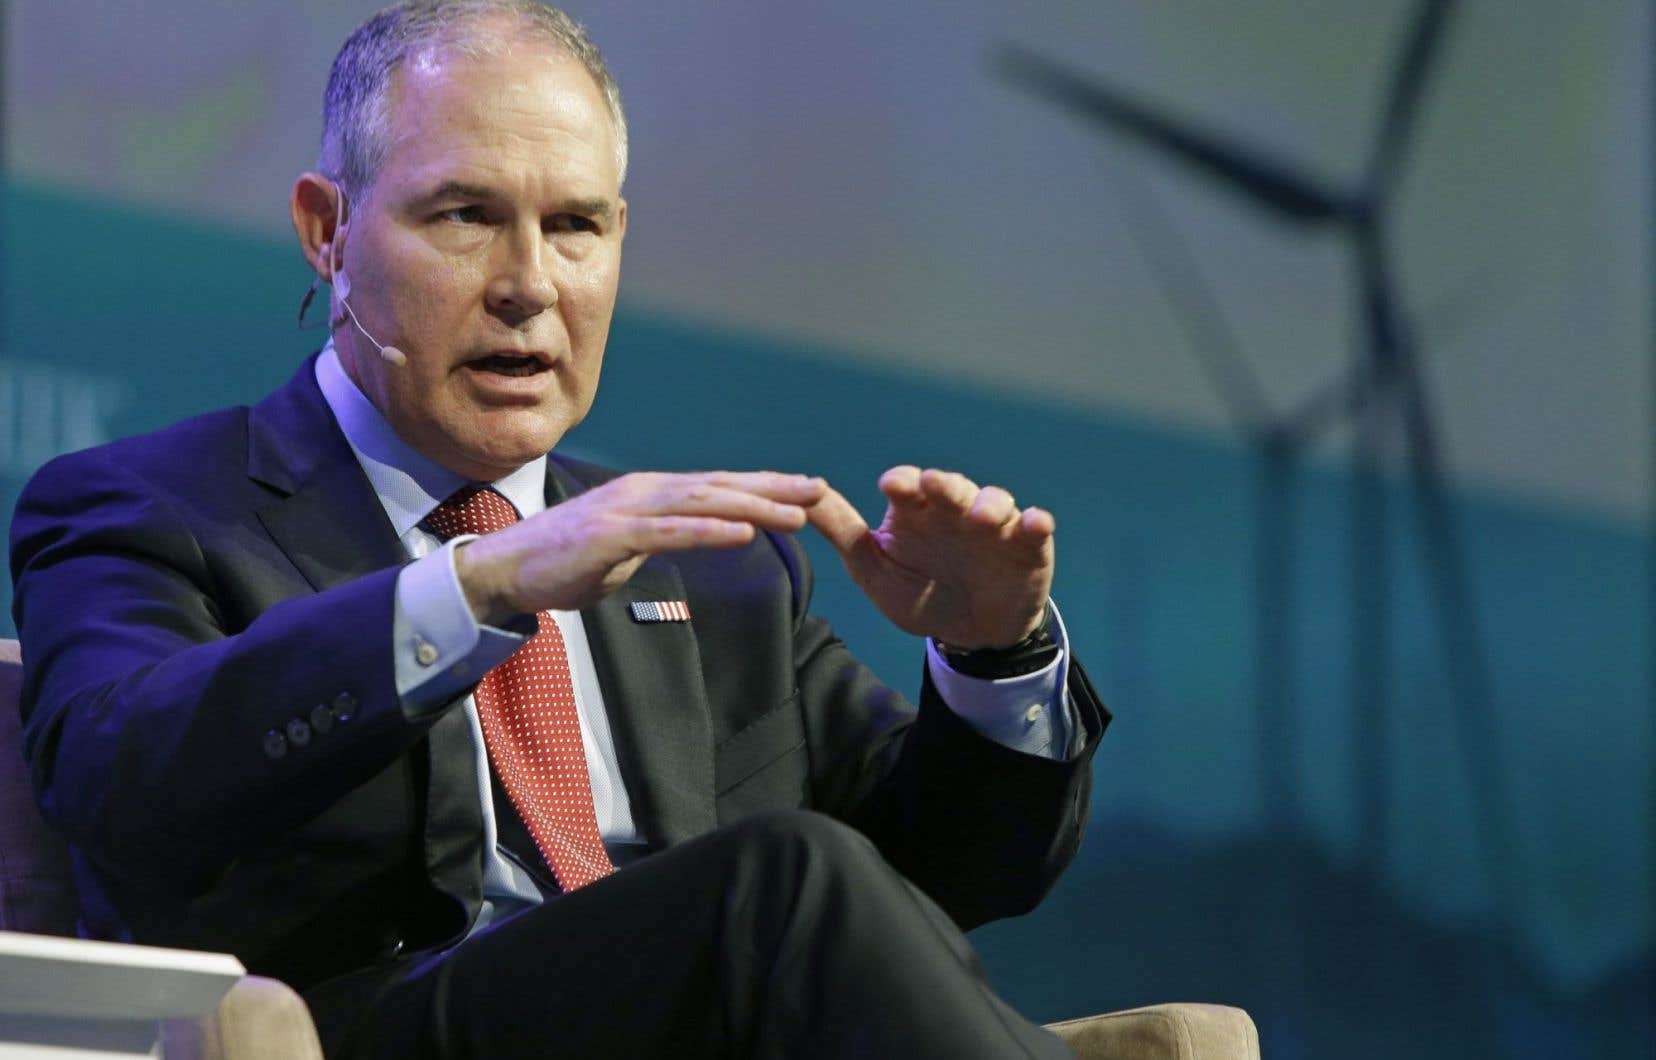 Le patron de l'Agence de protection de l'environnement des États-Unis, Scott Pruitt